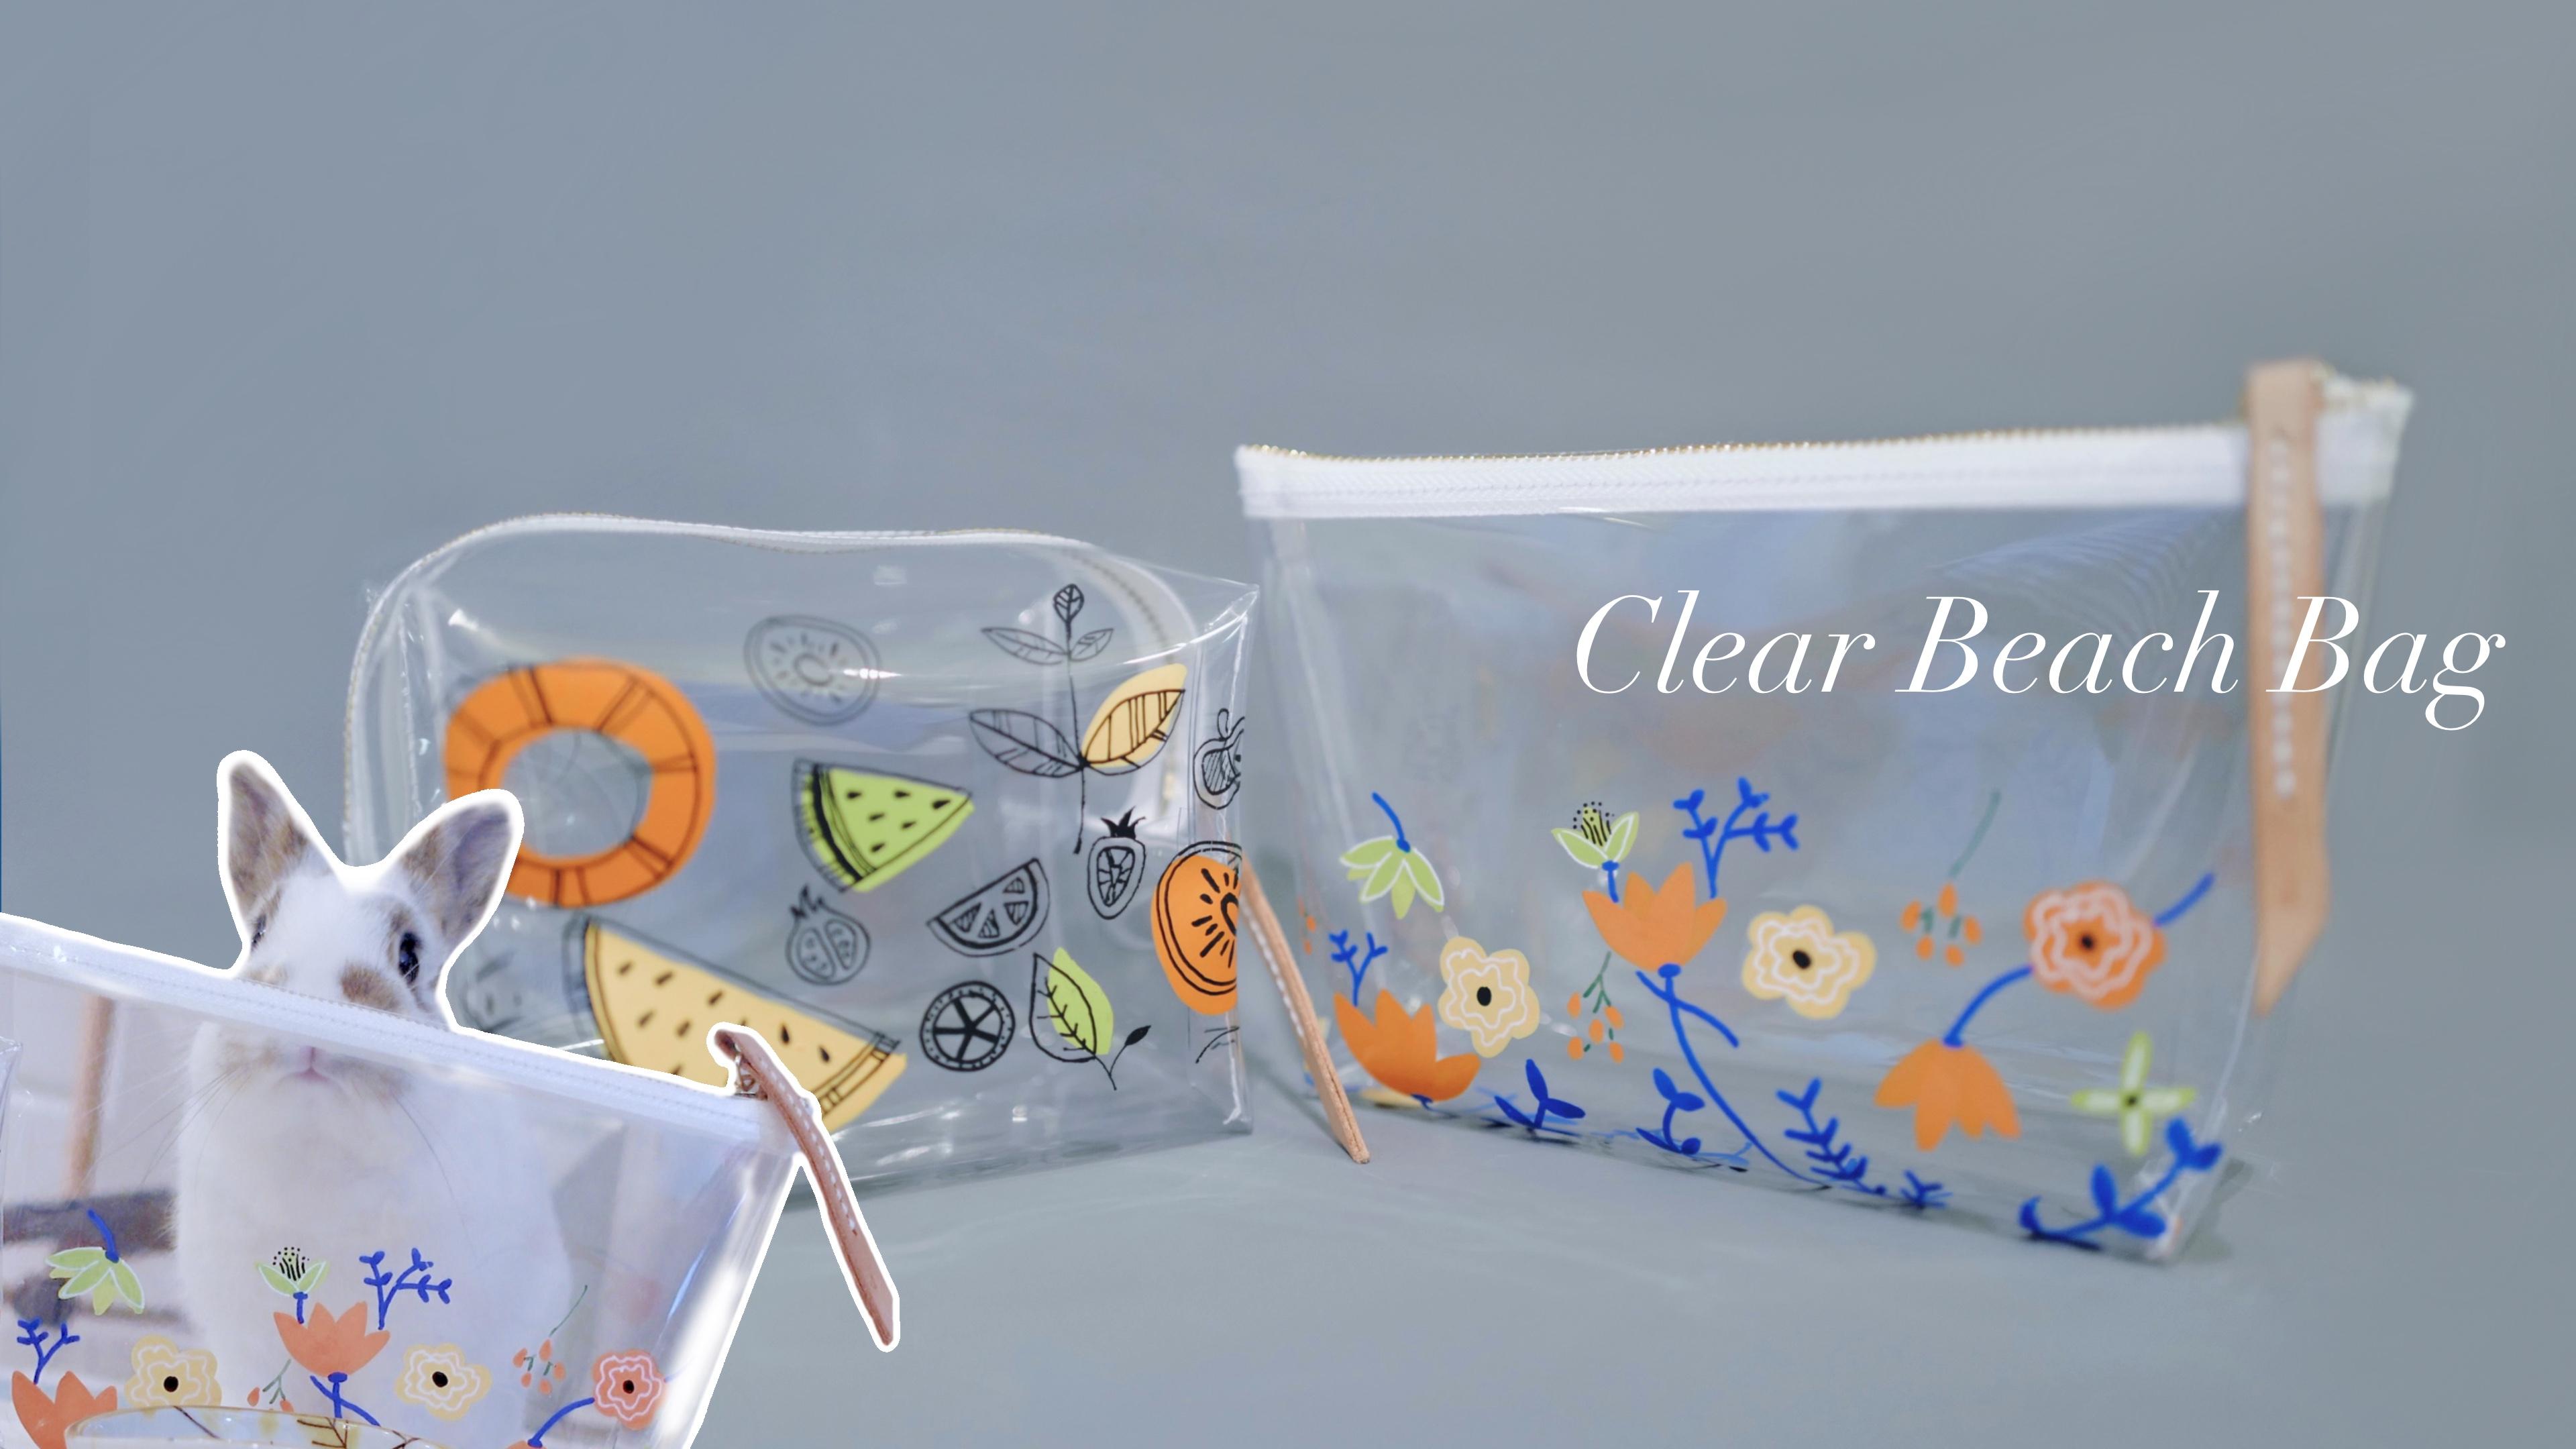 Clear Beach Bags